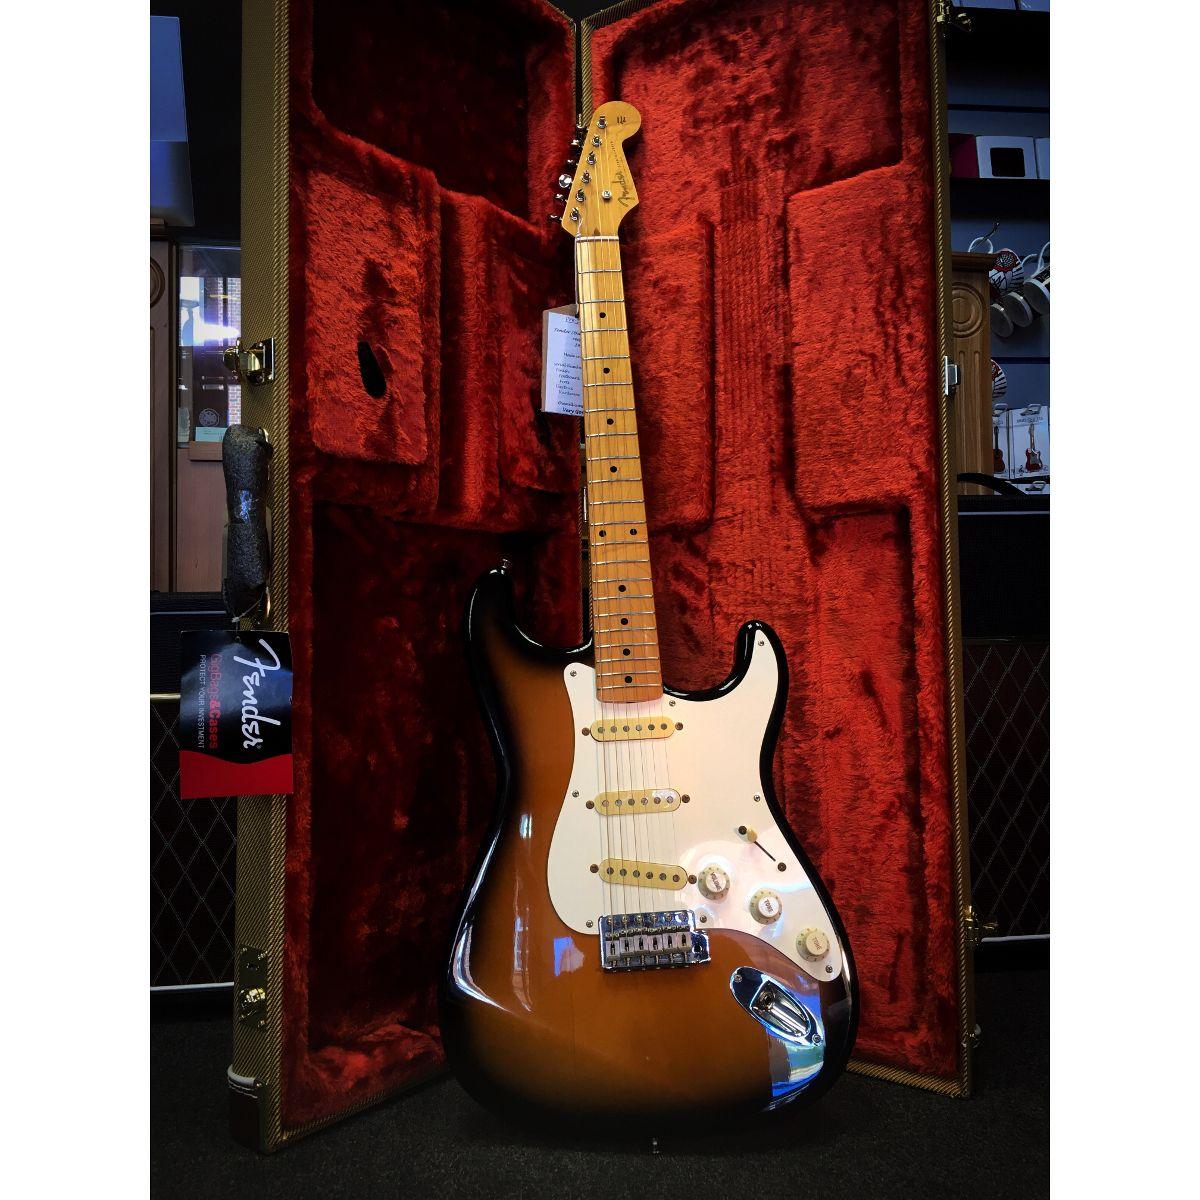 1996 Fender 54' Reissue Stratocaster (Including Hardcase)